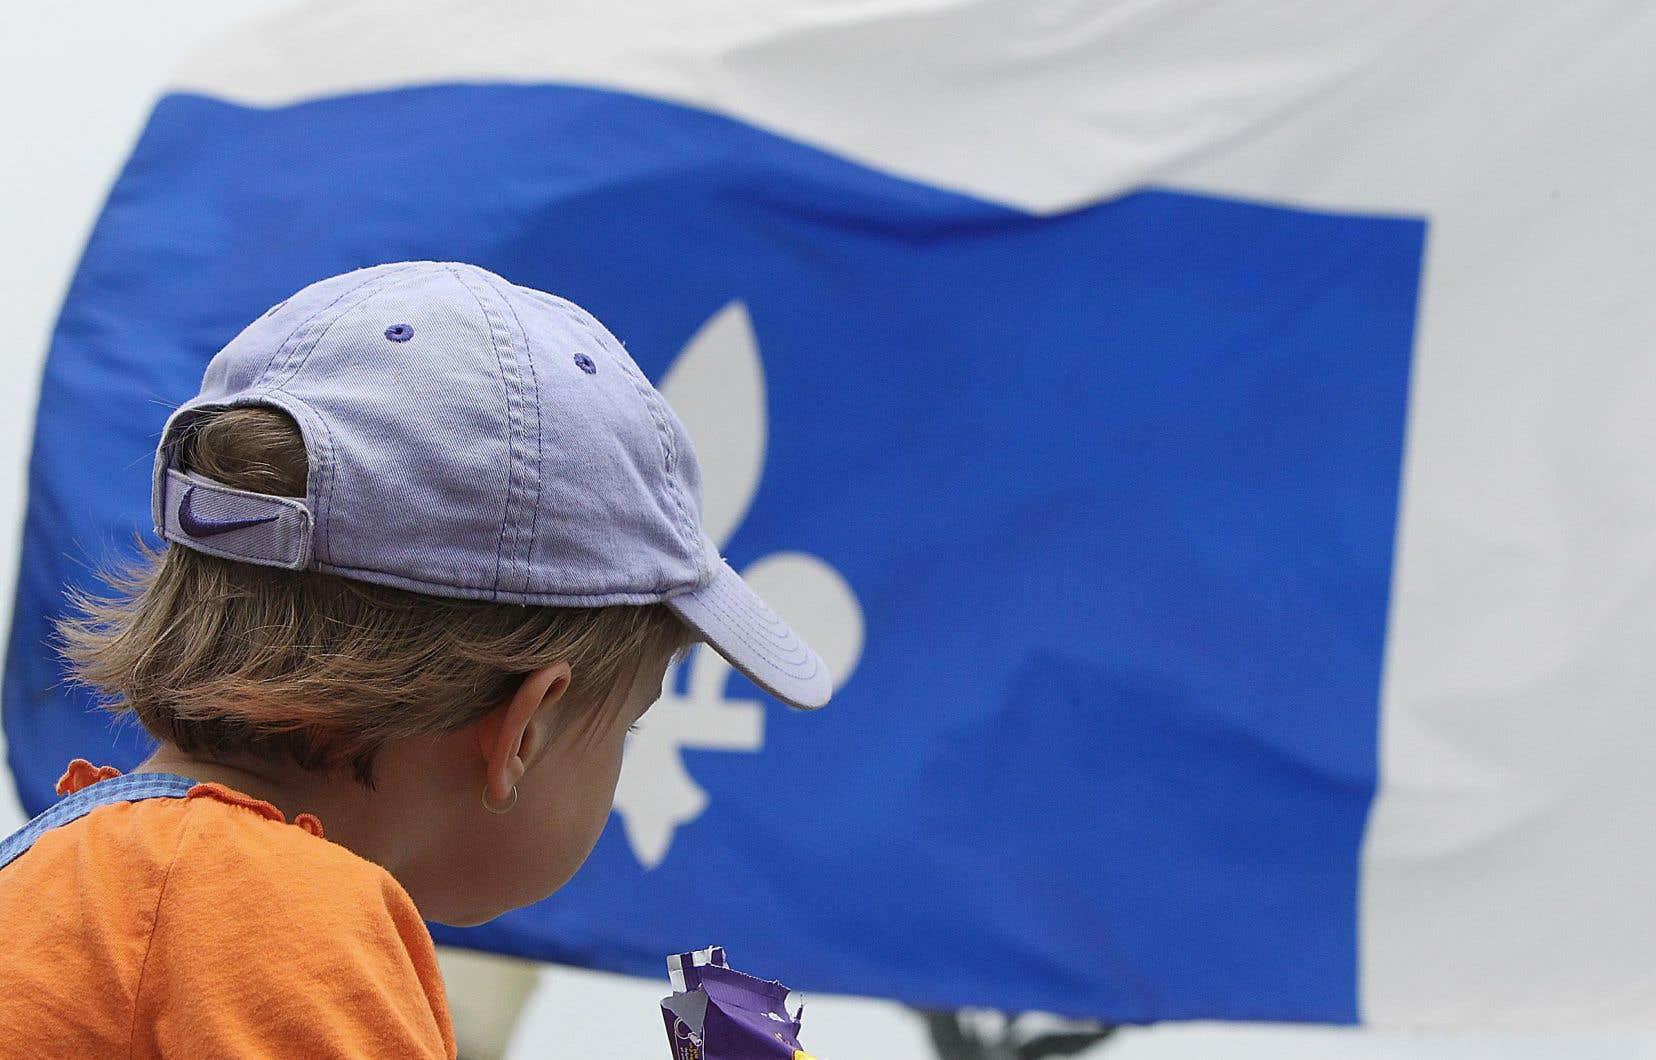 Selon le politologue Alain Noël, «historiquement, au Québec comme ailleurs, la social-démocratie a aussi bénéficié de son association avec l'affirmation d'une identité nationale».